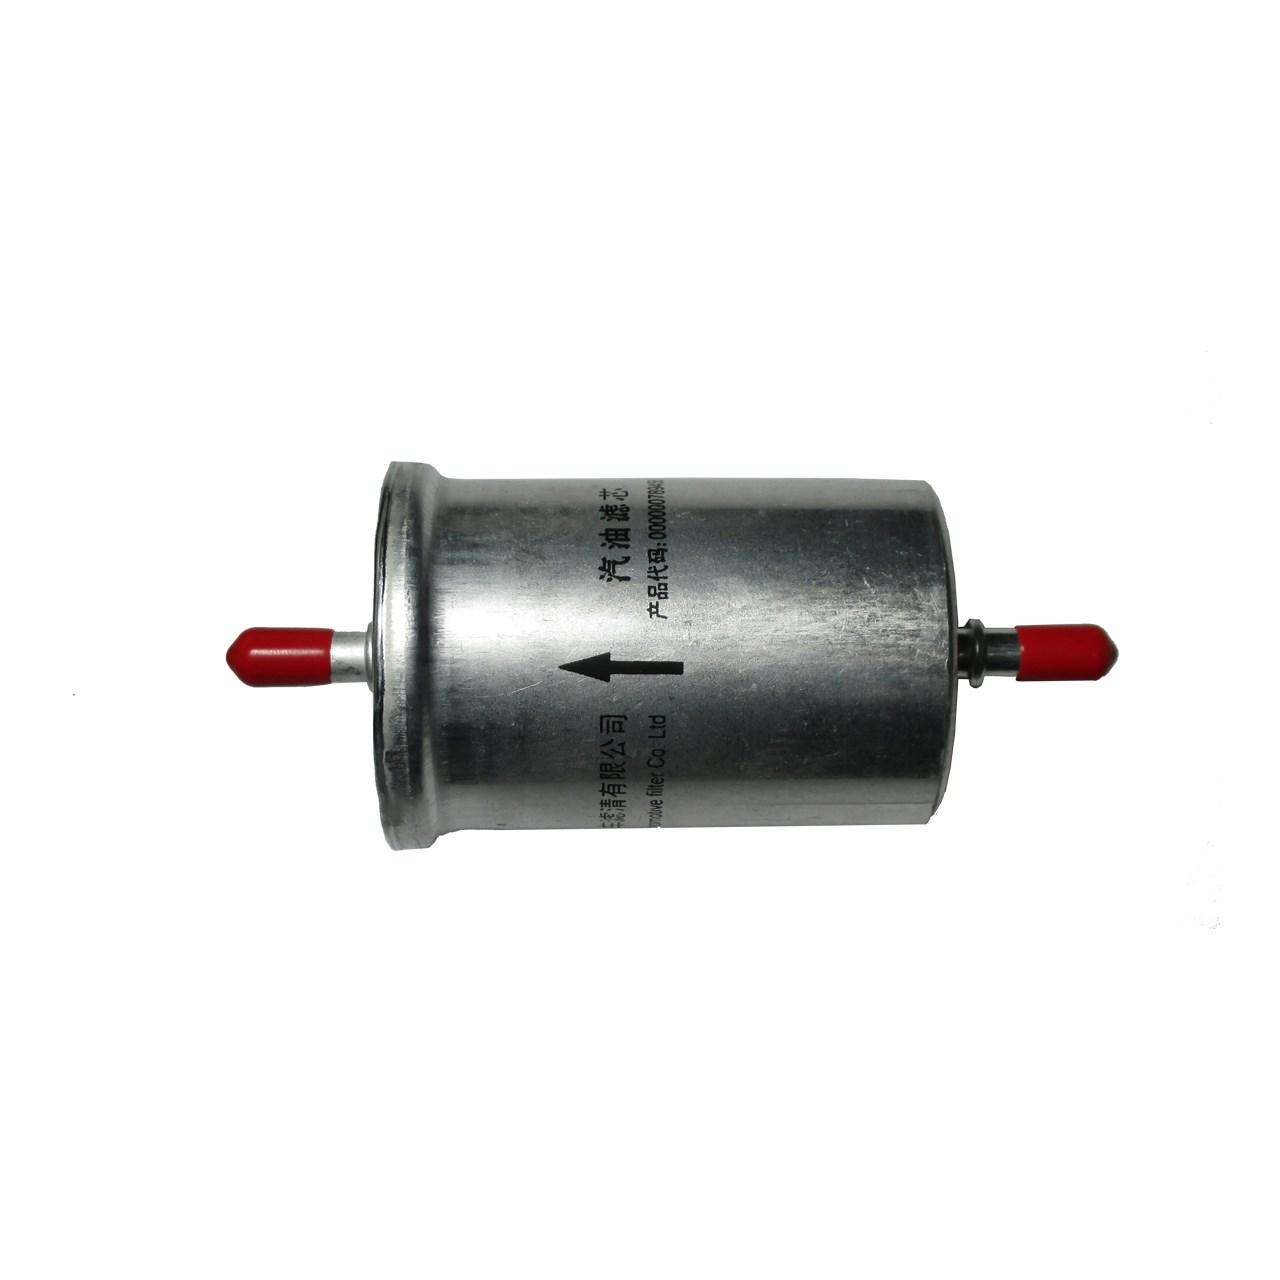 فیلتر بنزین H30 CROSS مدل 2162